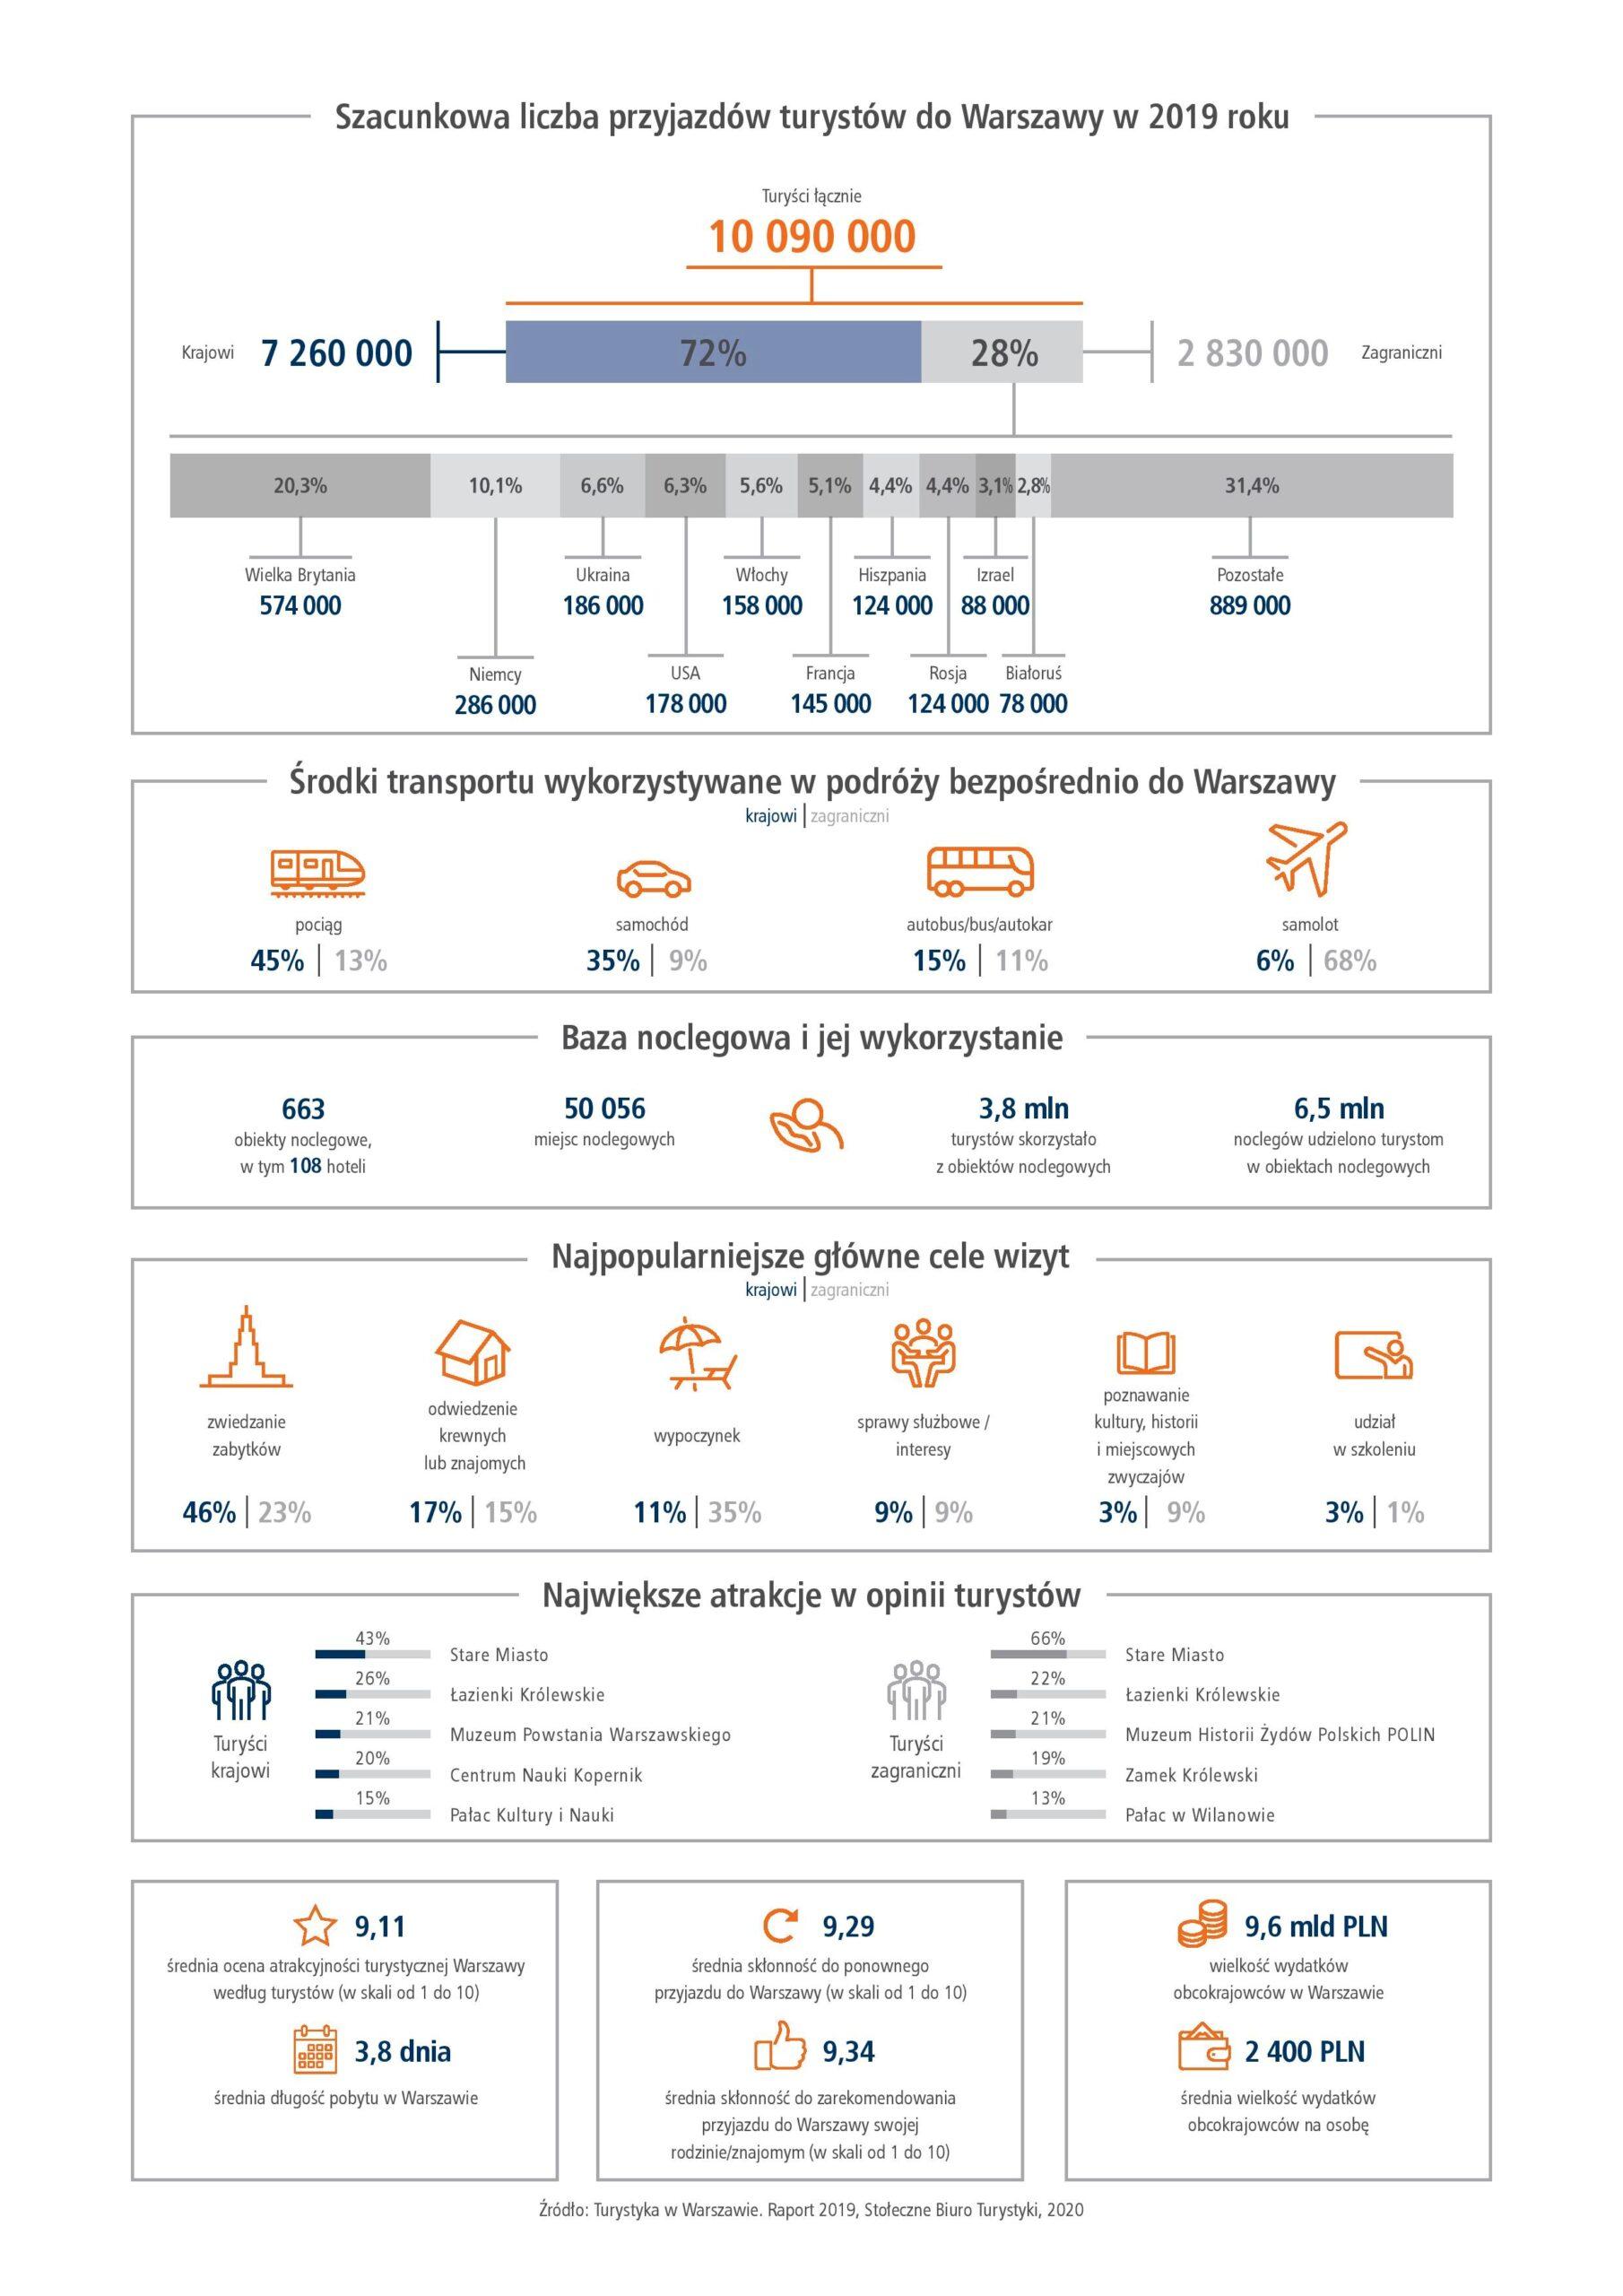 Turystyka w Warszawie - raport za 2019 rok